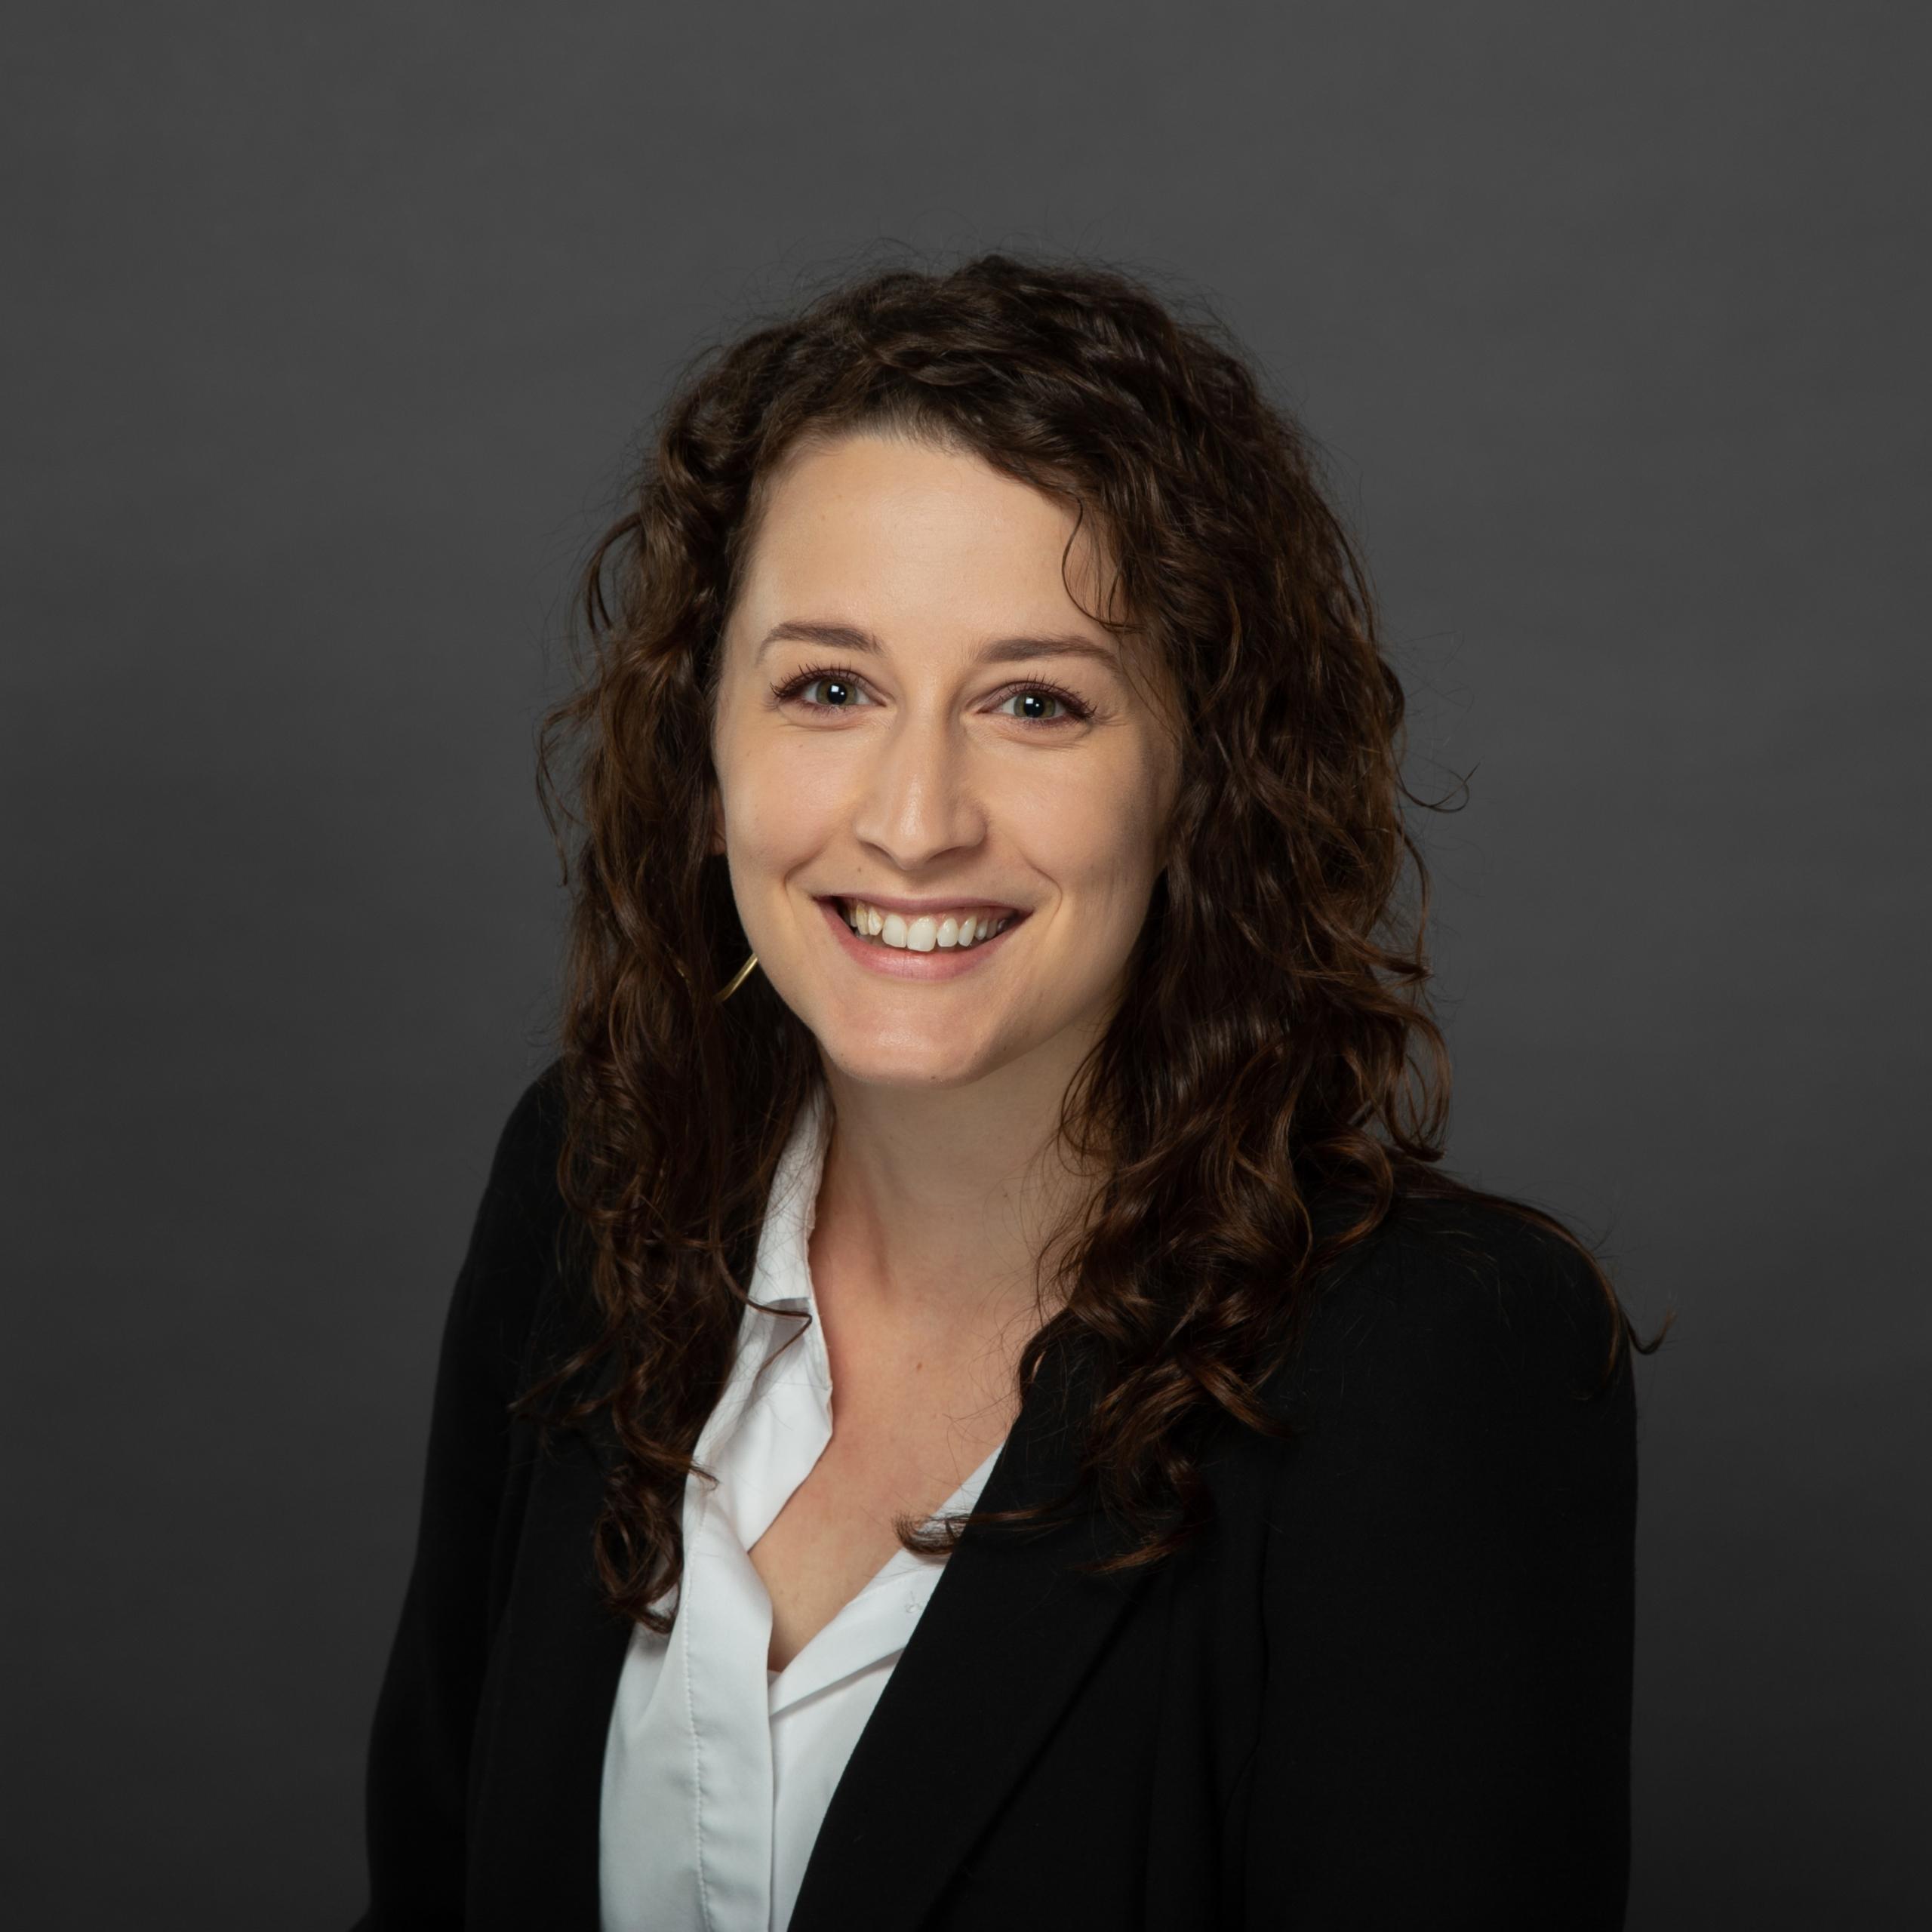 Megan Birner